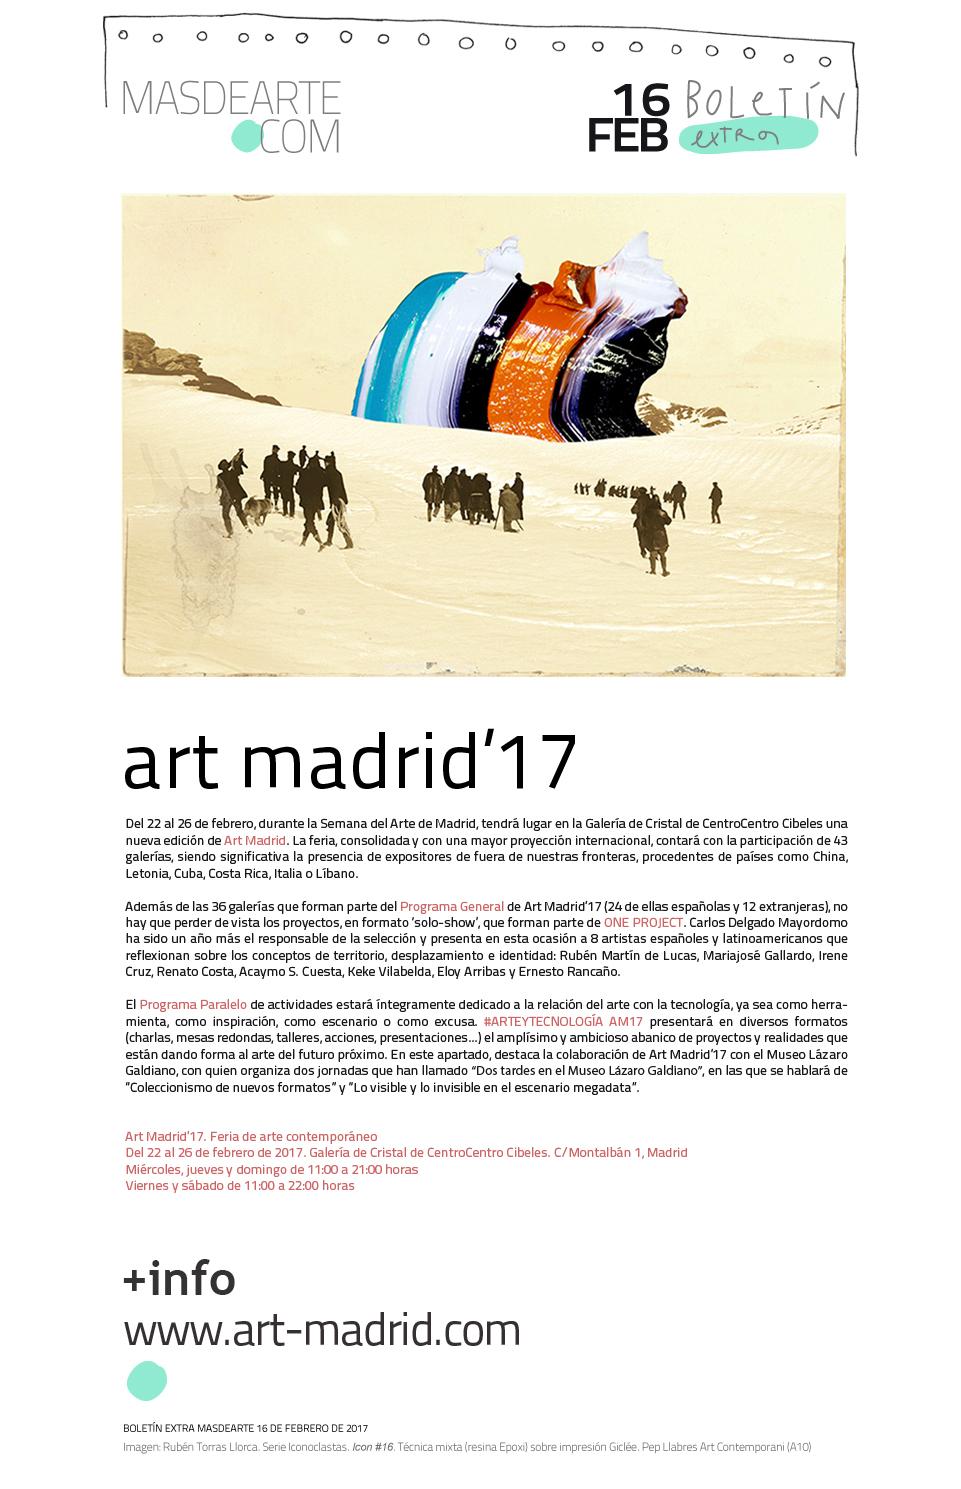 ferias de arte en Madrid: 12ª edición de Art Madrid,  del 22 al 26 de febrero de 2017